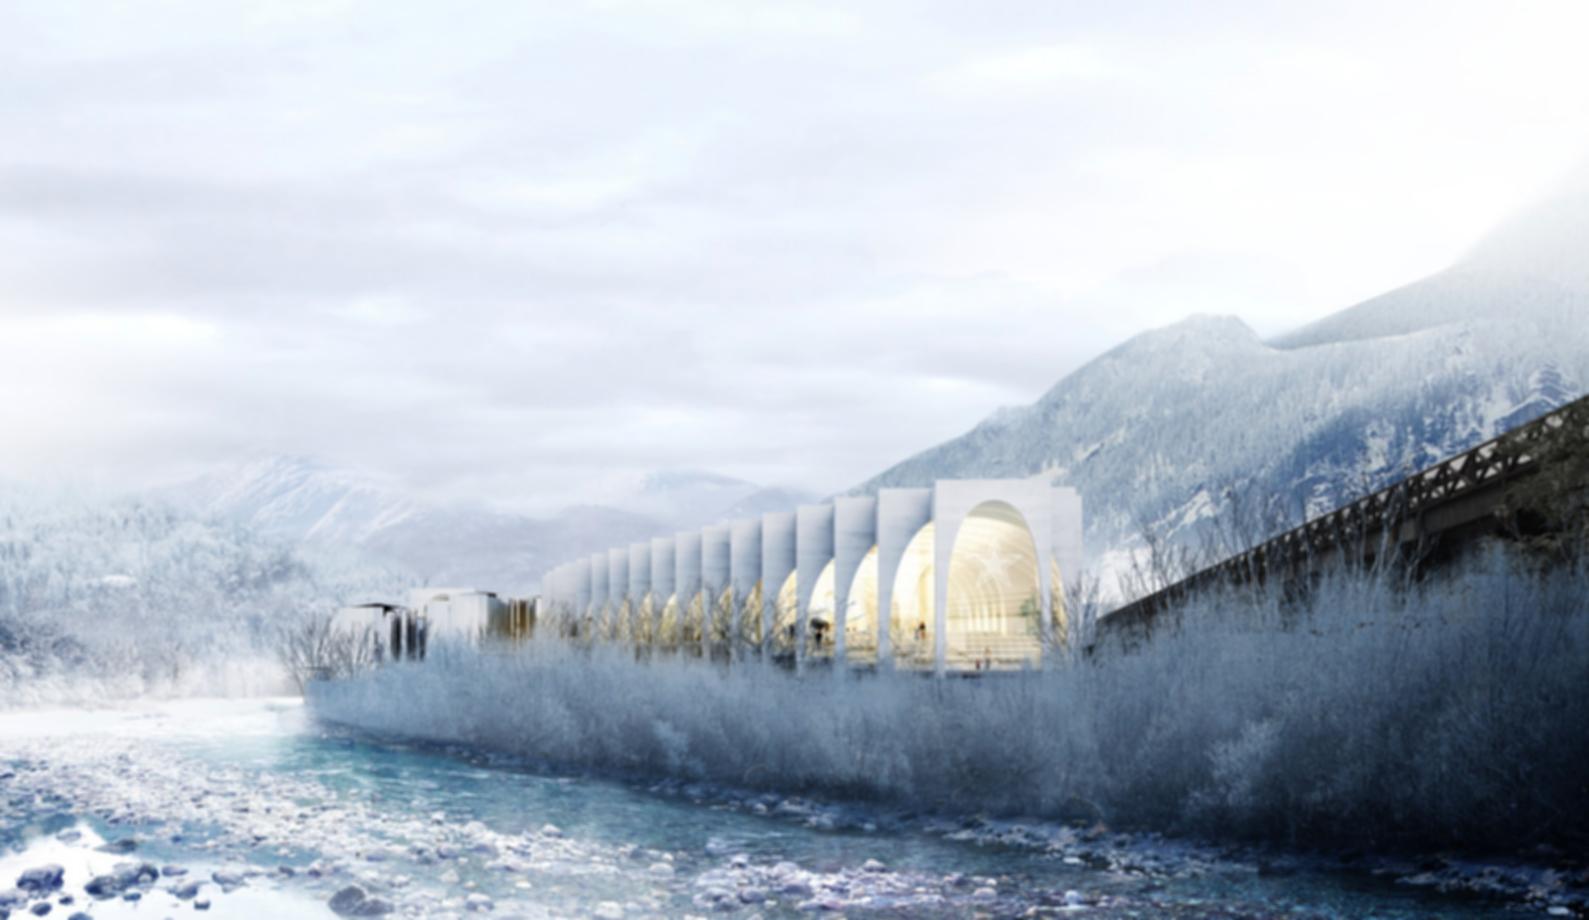 San Pellegrino Flagship Factory - Exterior Concept Design